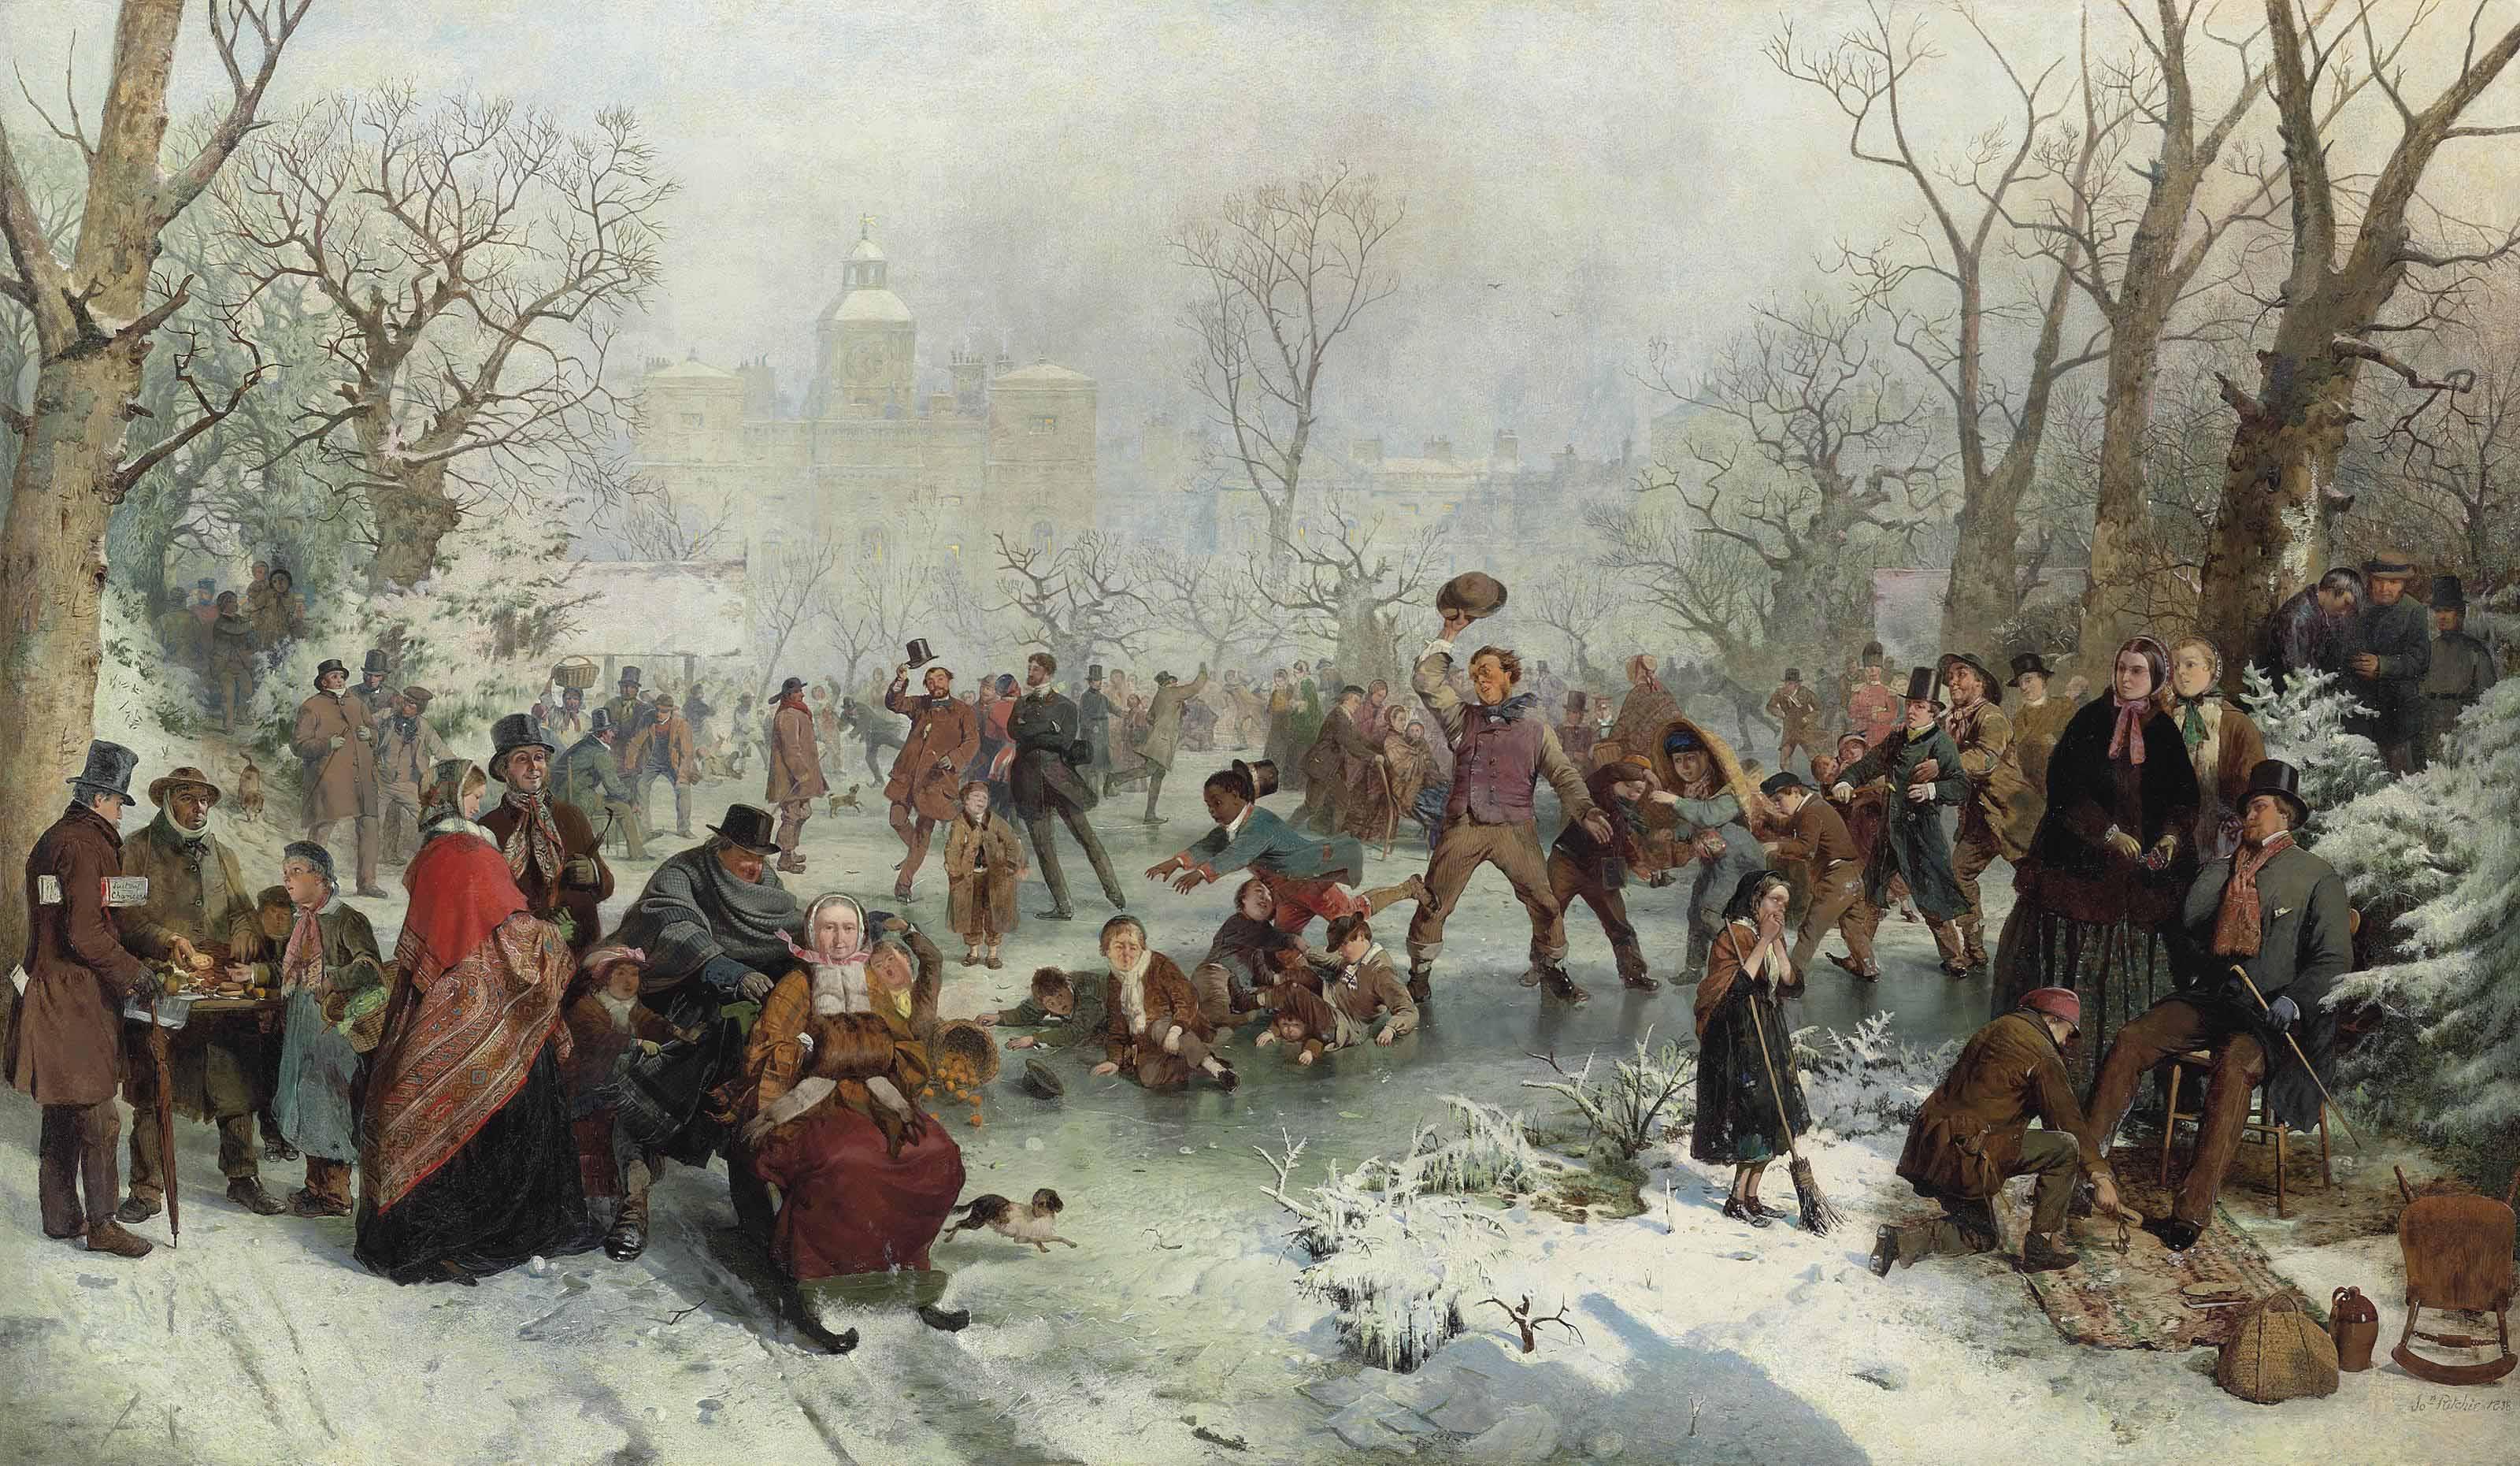 Winter, St James's Park, London